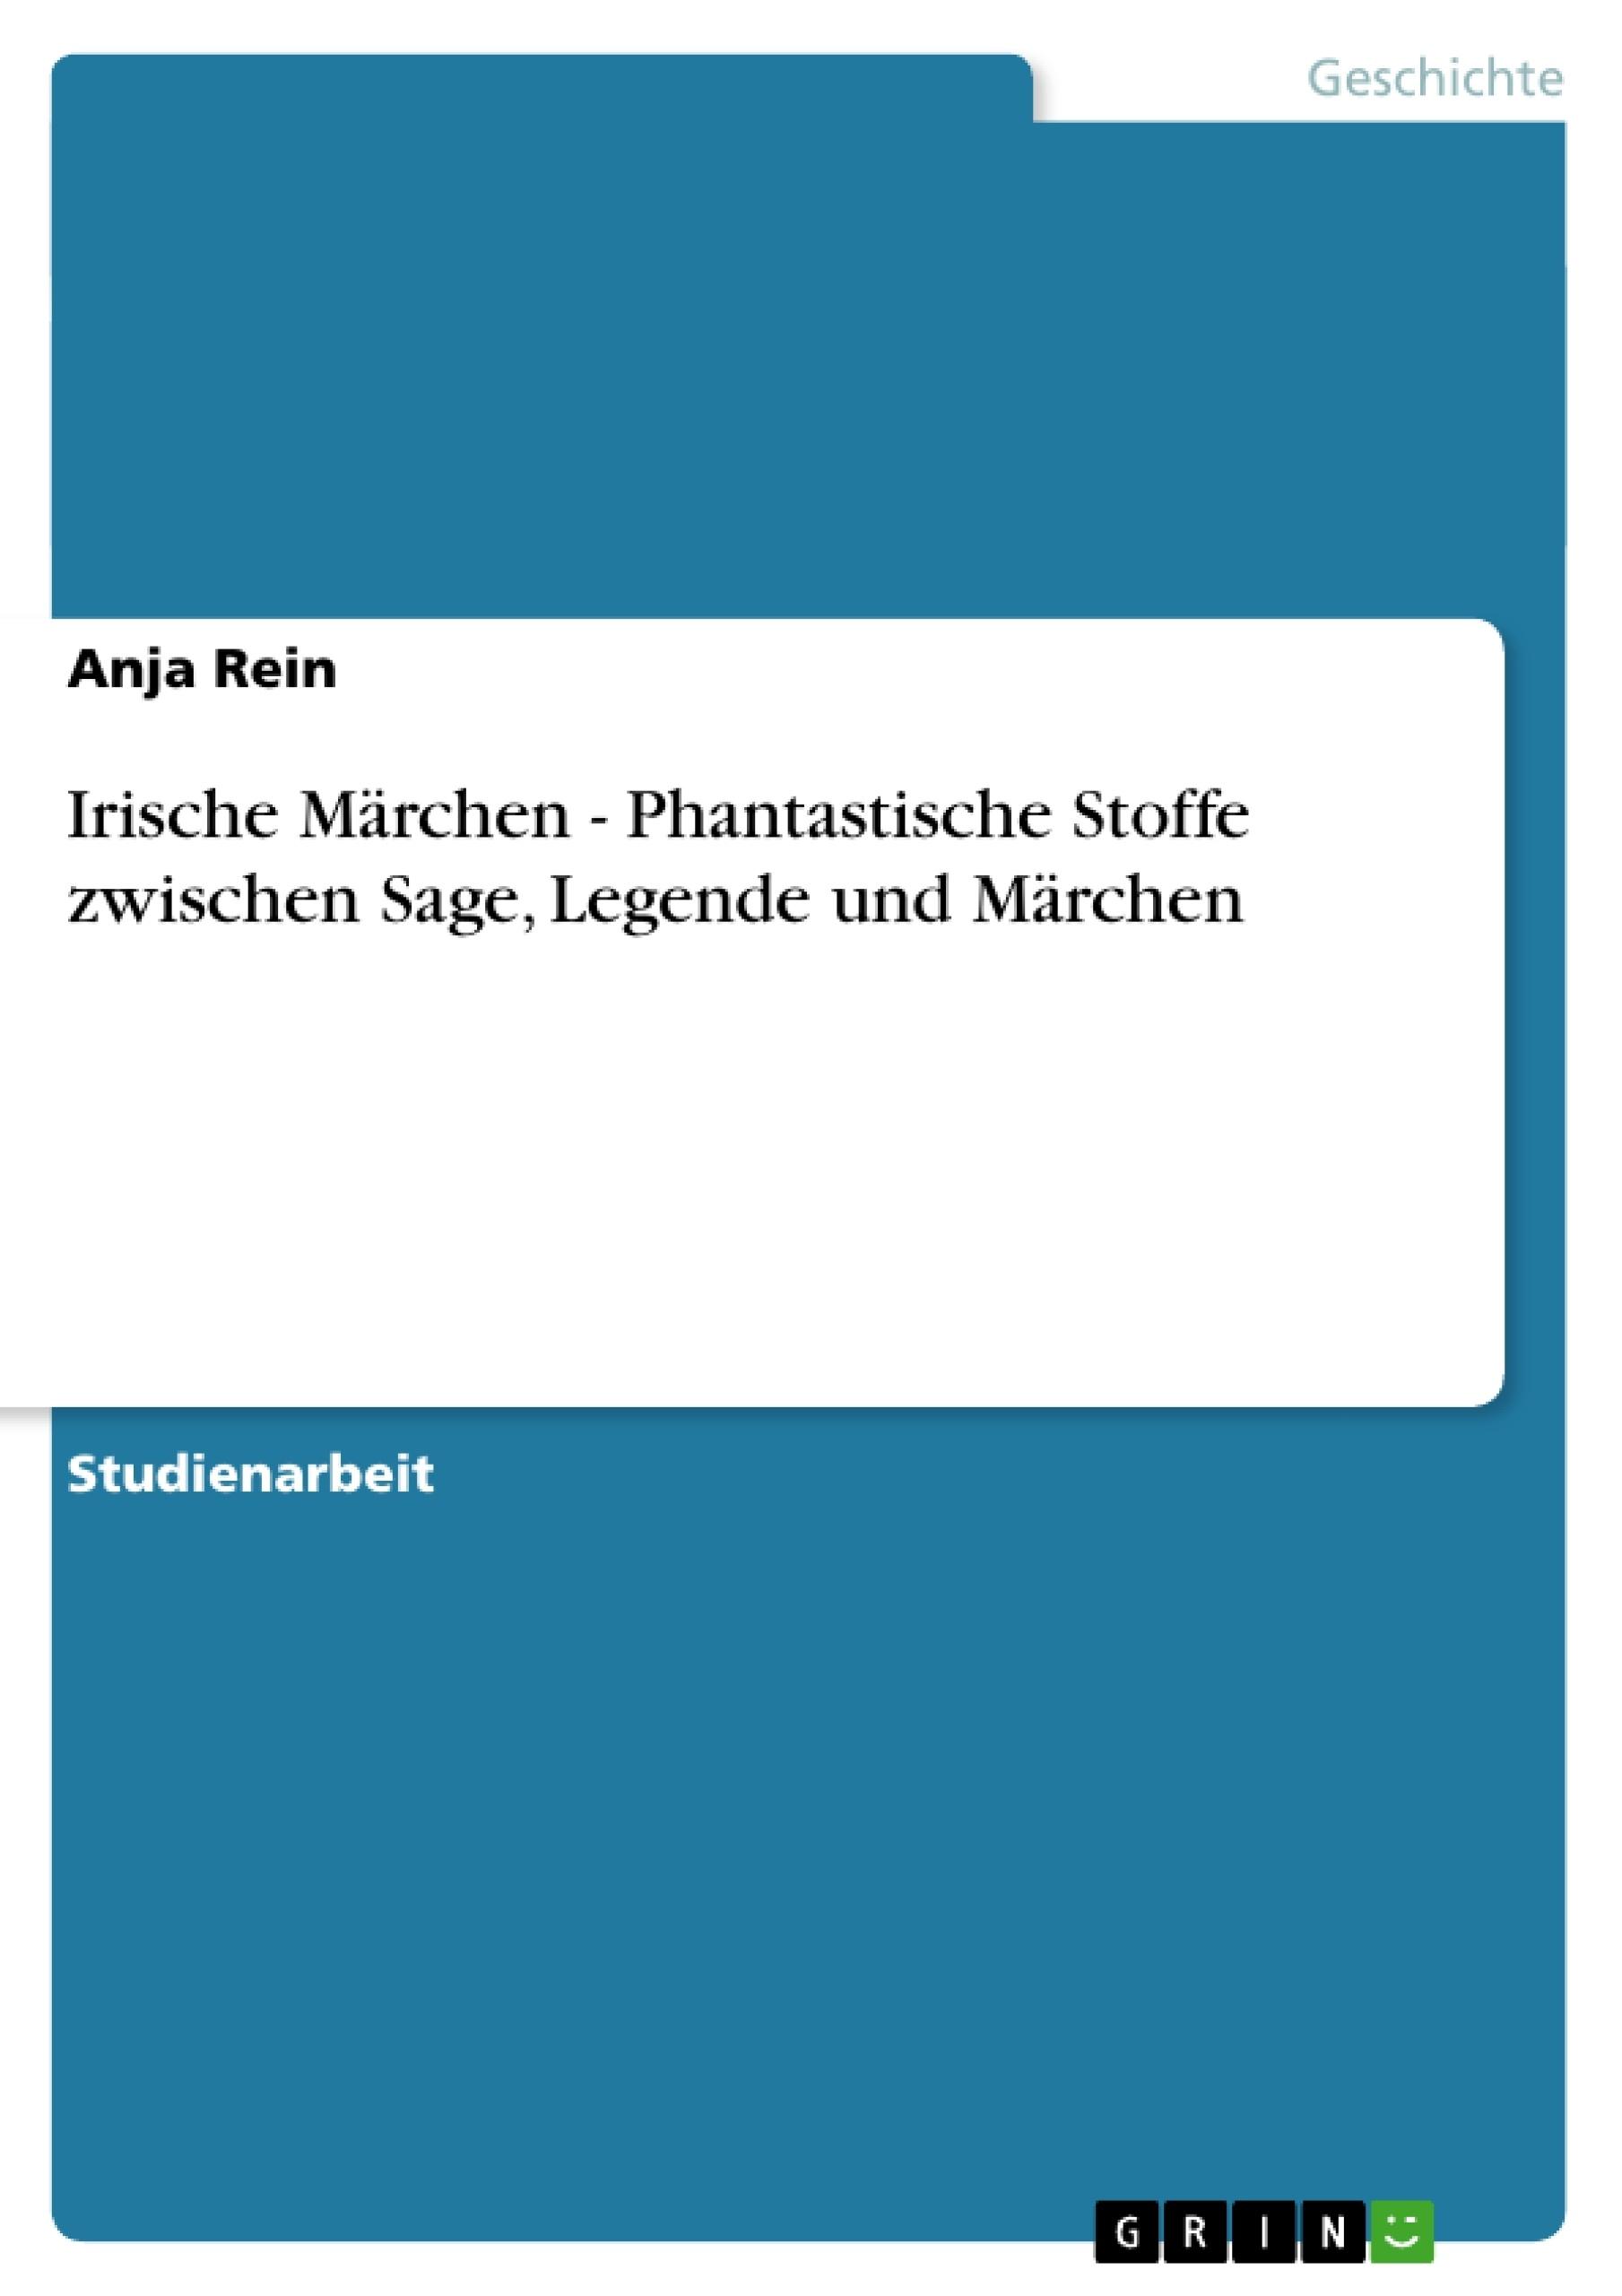 Titel: Irische Märchen - Phantastische Stoffe zwischen Sage, Legende und Märchen